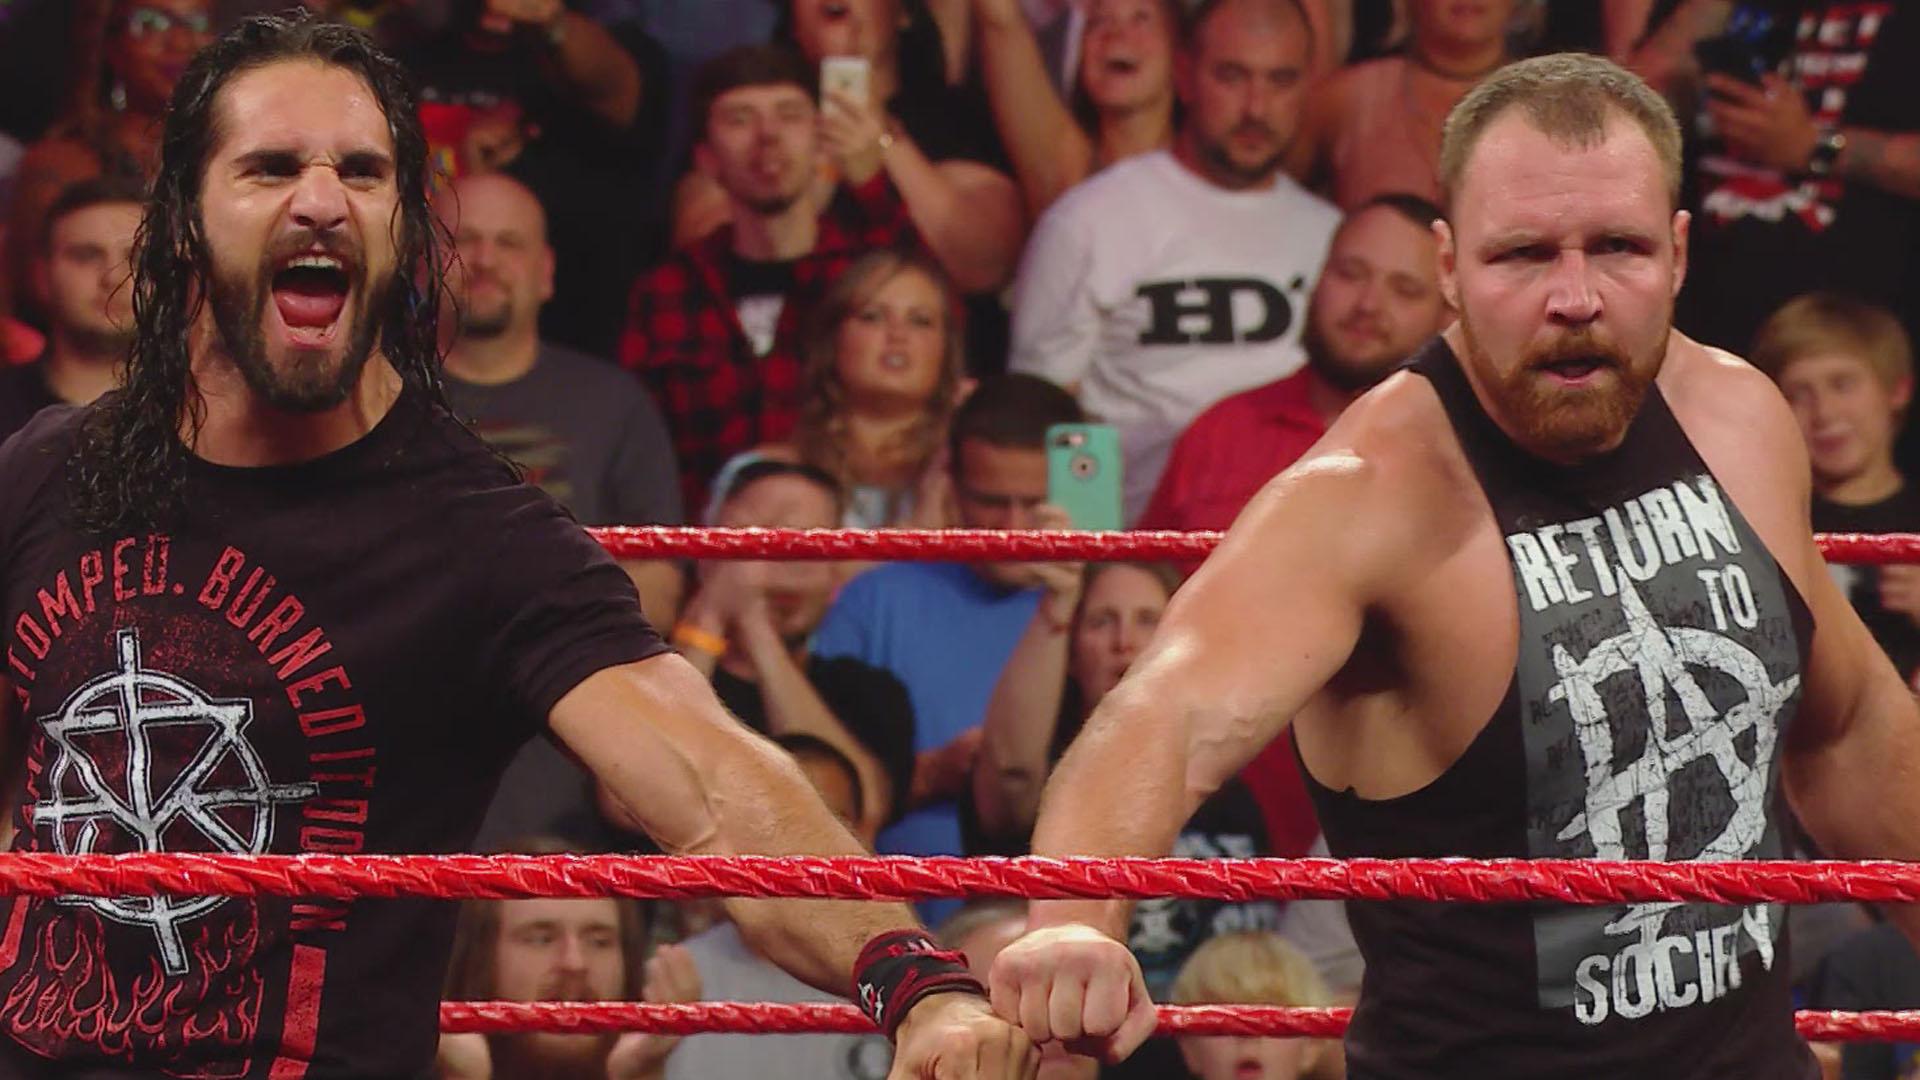 WWE क्राउन जुअल: ये दो मैच बना सकते हैं मैच कार्ड में अपनी जगह, देखें किसके बीच होगा ये मुकाबला 12